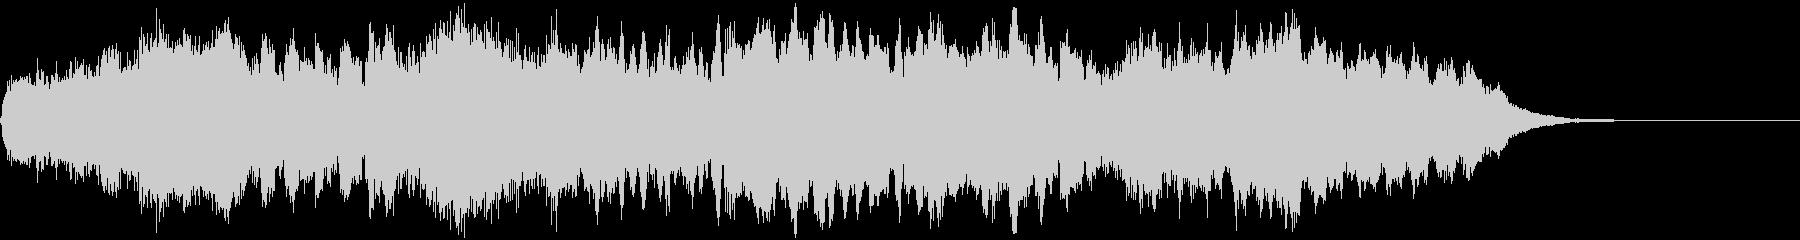 フルートのメロディが優しい管弦楽ジングルの未再生の波形